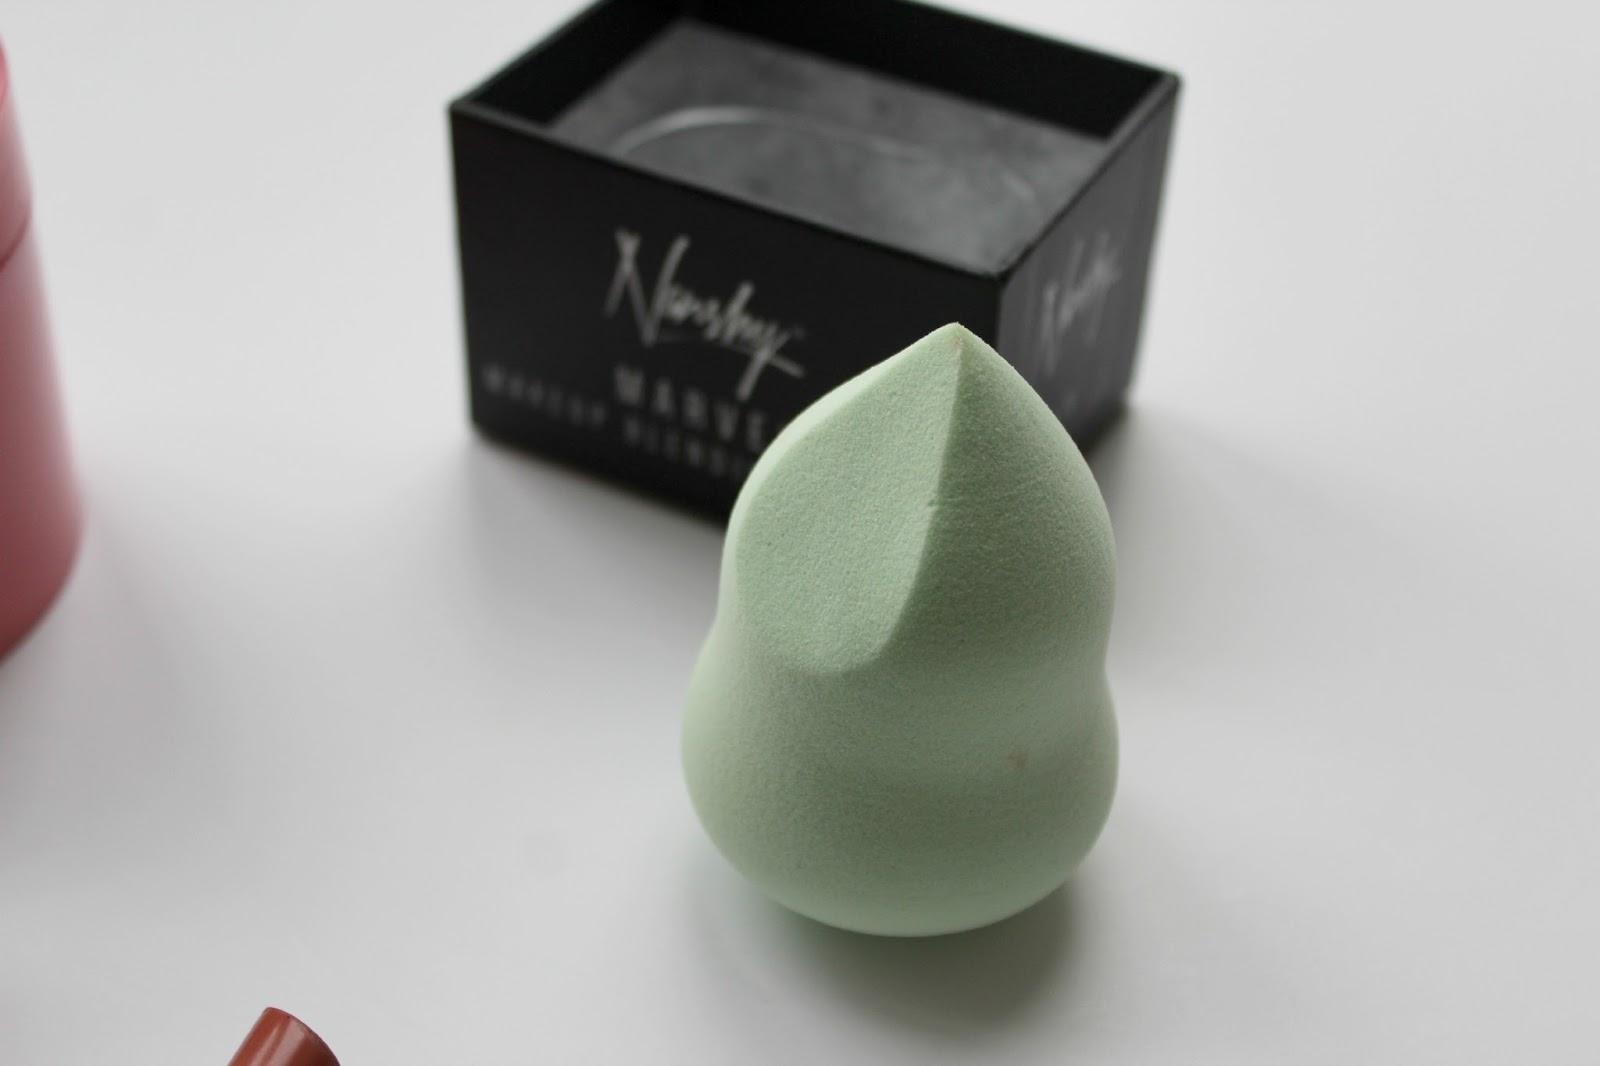 nanshy-blending-sponge